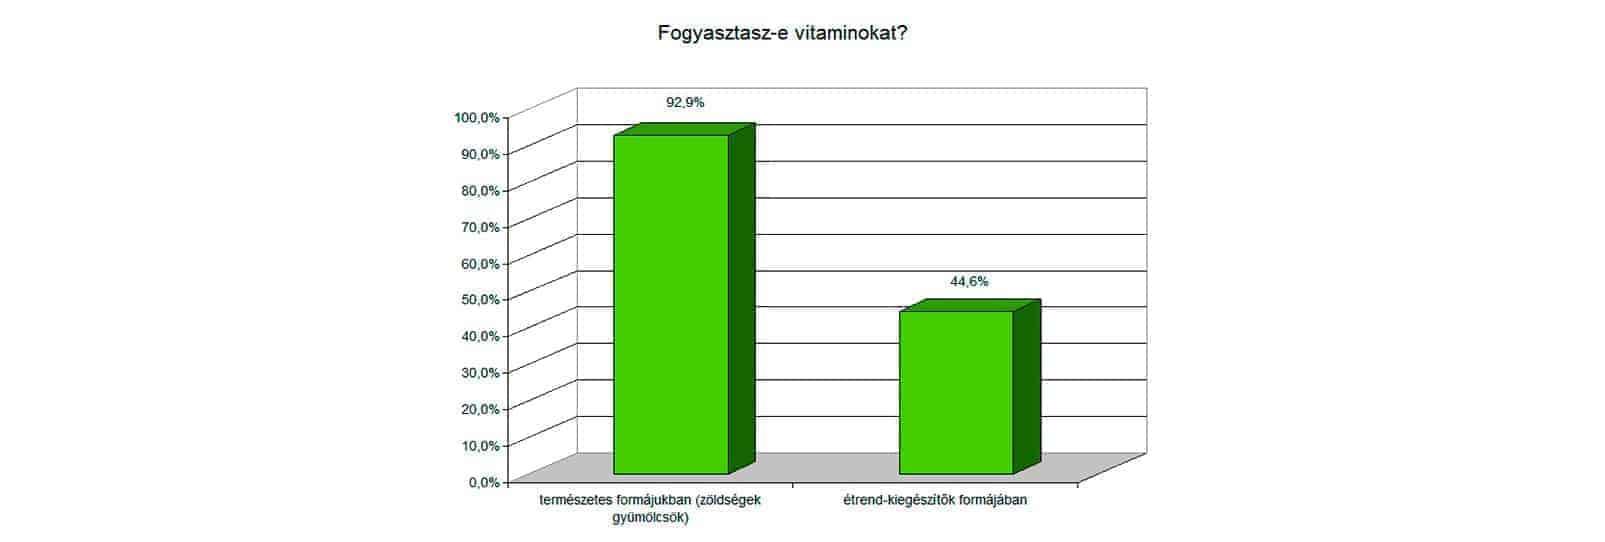 Fogyasztasz-e vitaminokat?